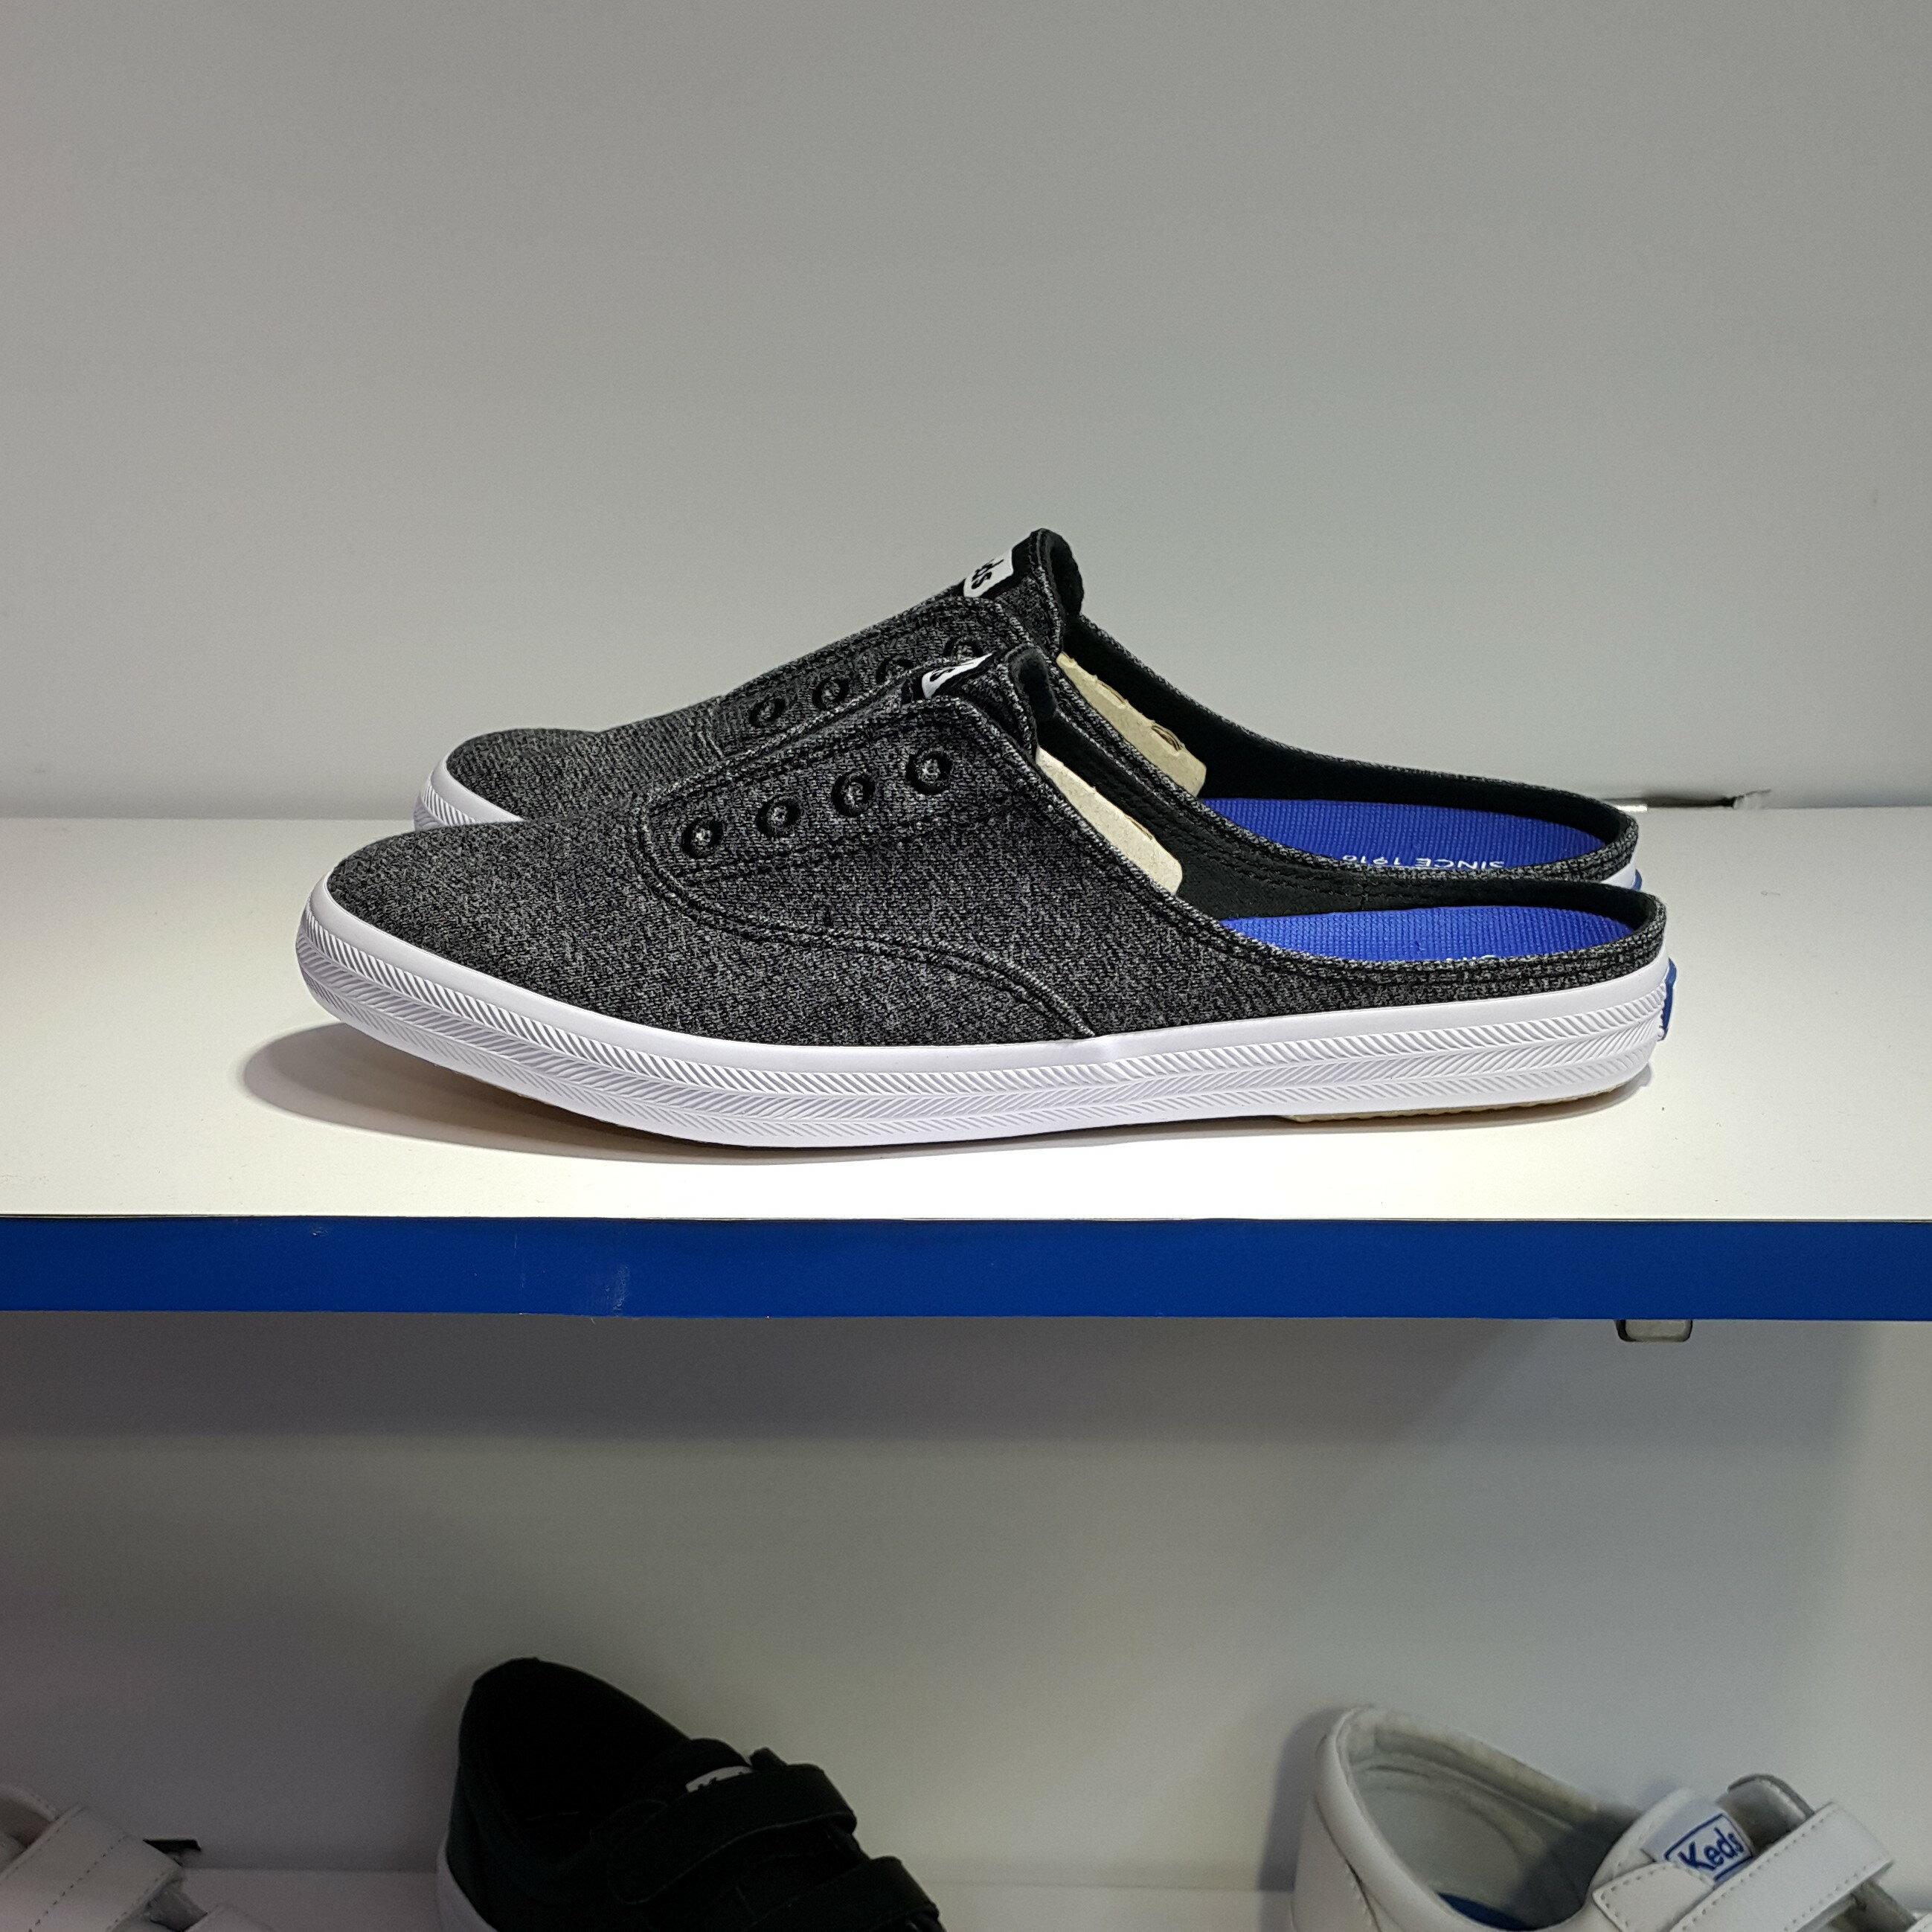 Keds 懶人鞋 拖鞋 便鞋 涼鞋 灰色 黑灰色 鬆緊帶 直接套 柔軟 鞋墊 MOXIE MULE STUDIO JERSEY